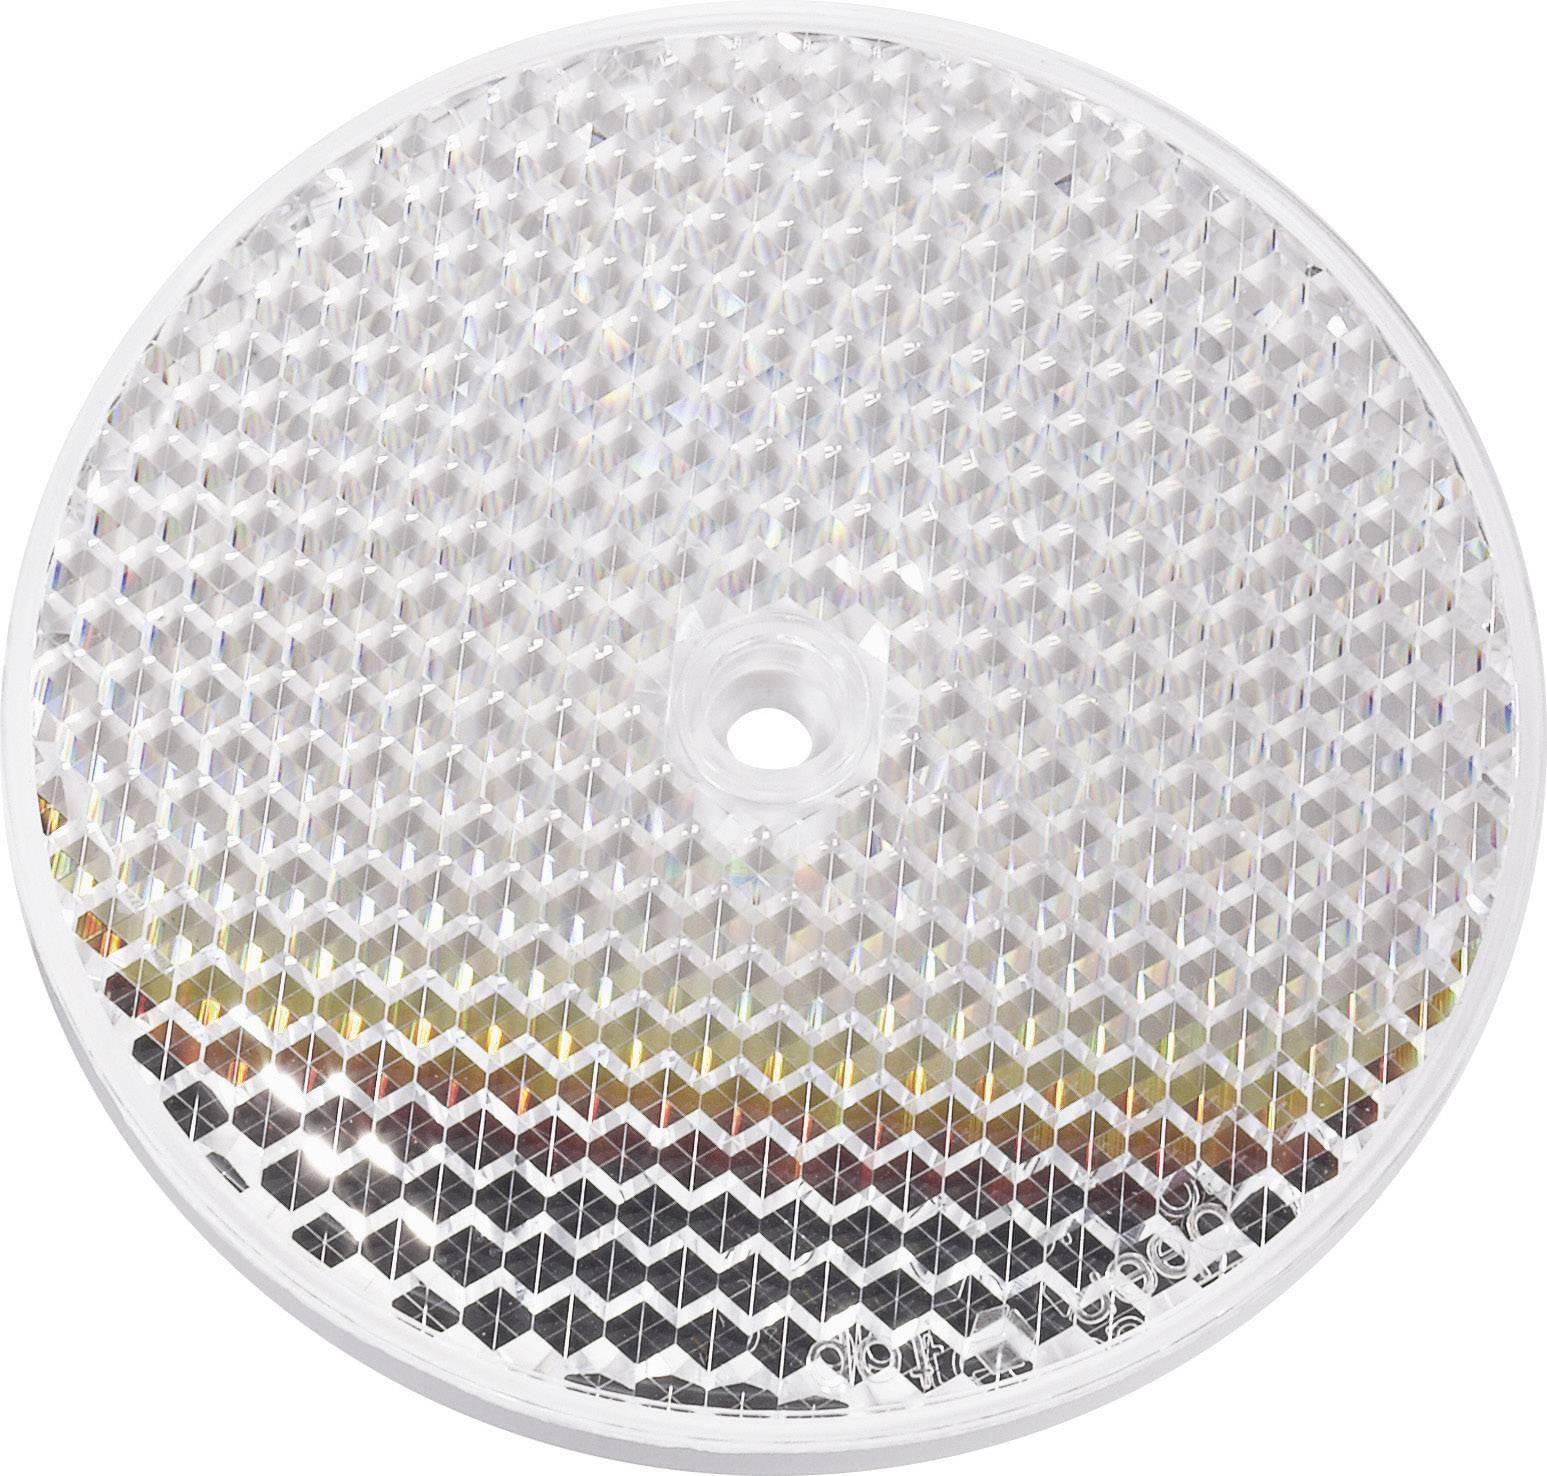 Reflexní odrazka pro světelnou závoru Idec IAC-E800-91, Ø 84 mm